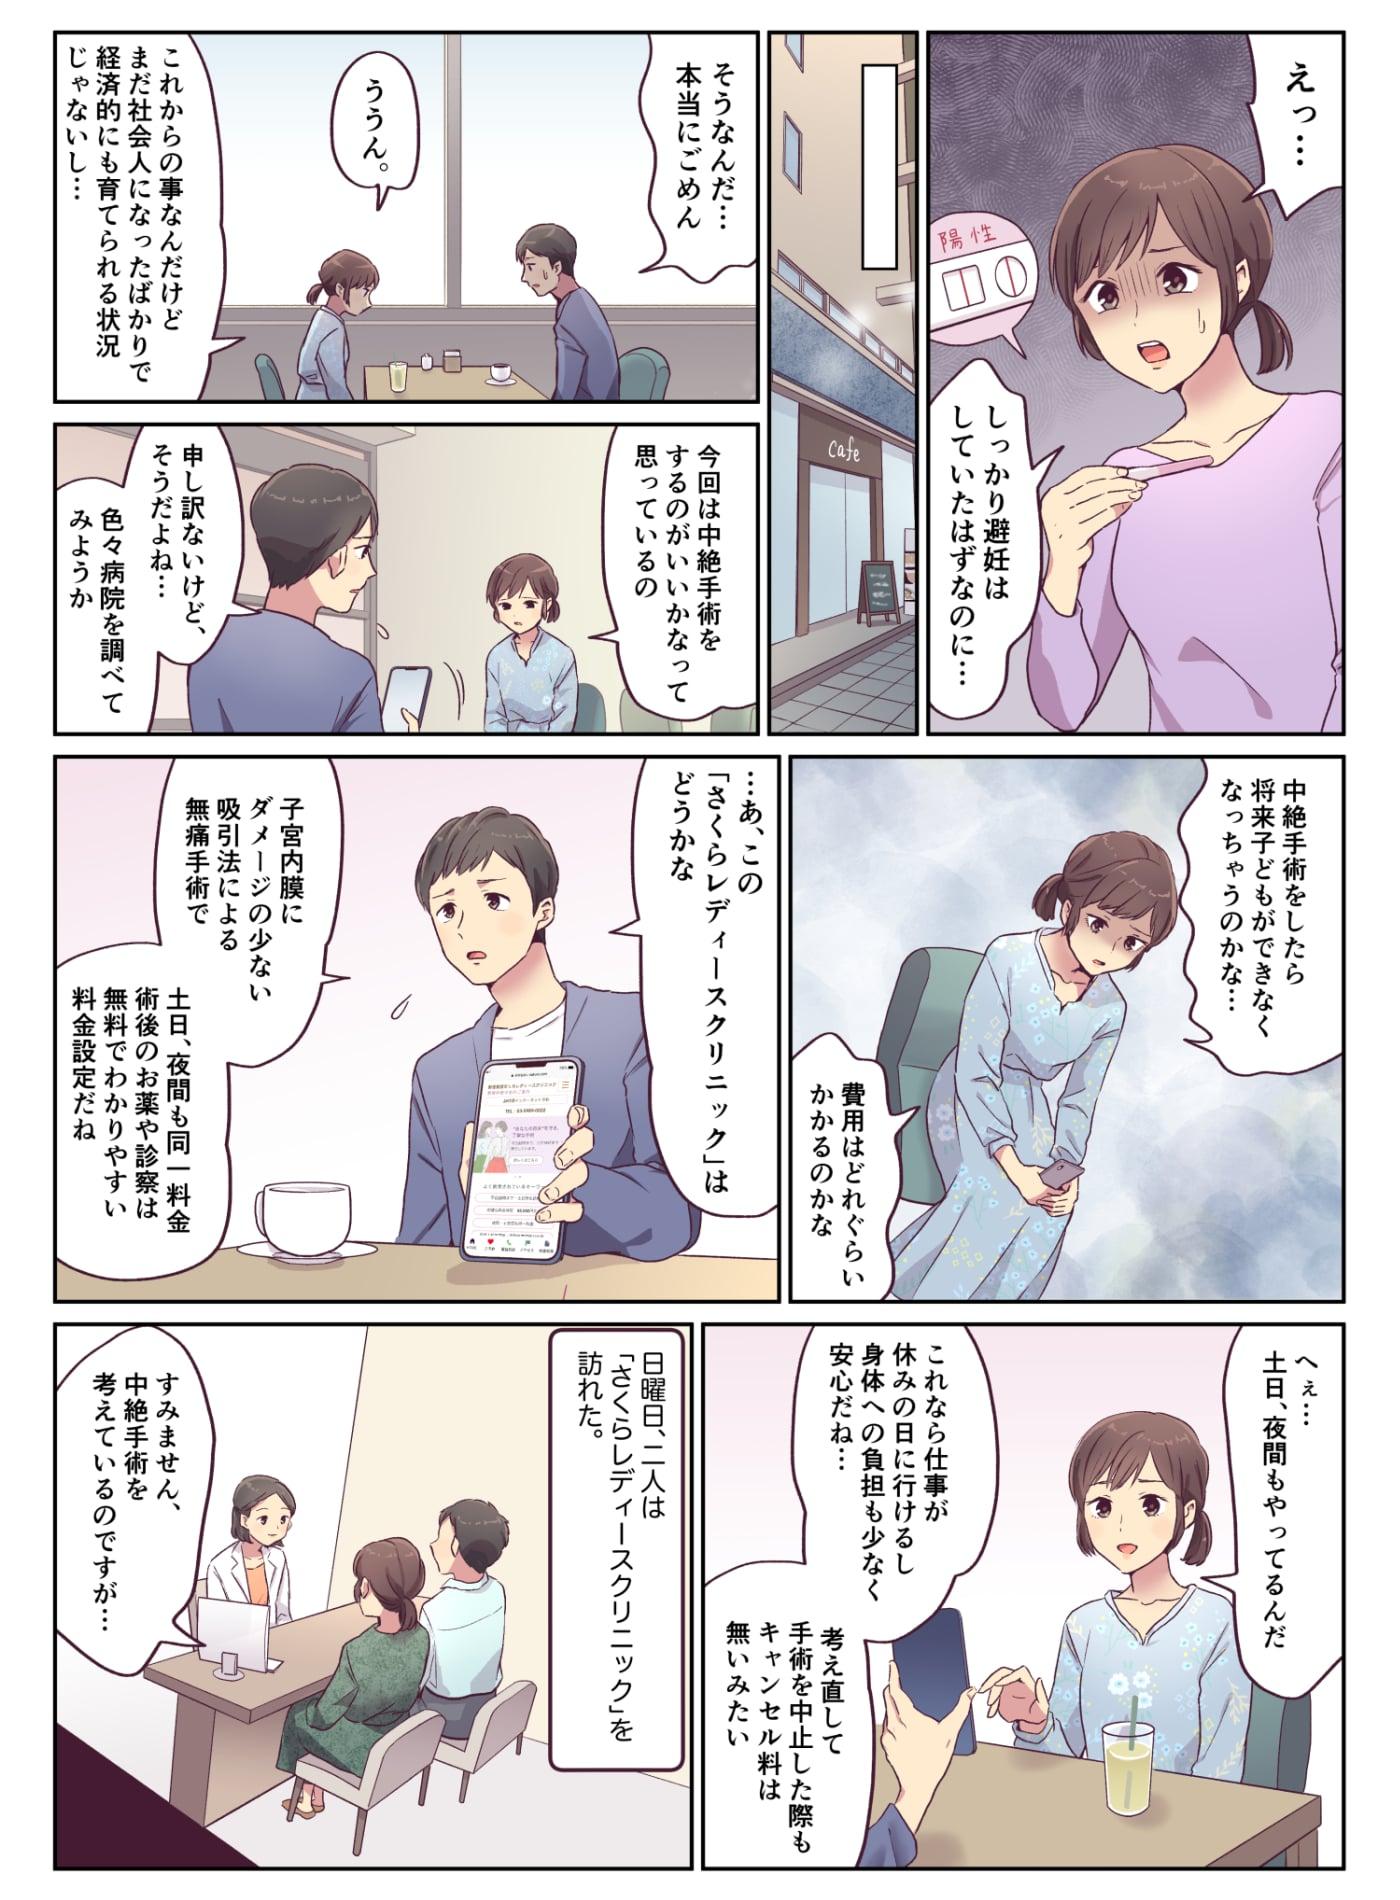 新宿駅前さくらレディースクリニックWEB漫画掲載サンプル3